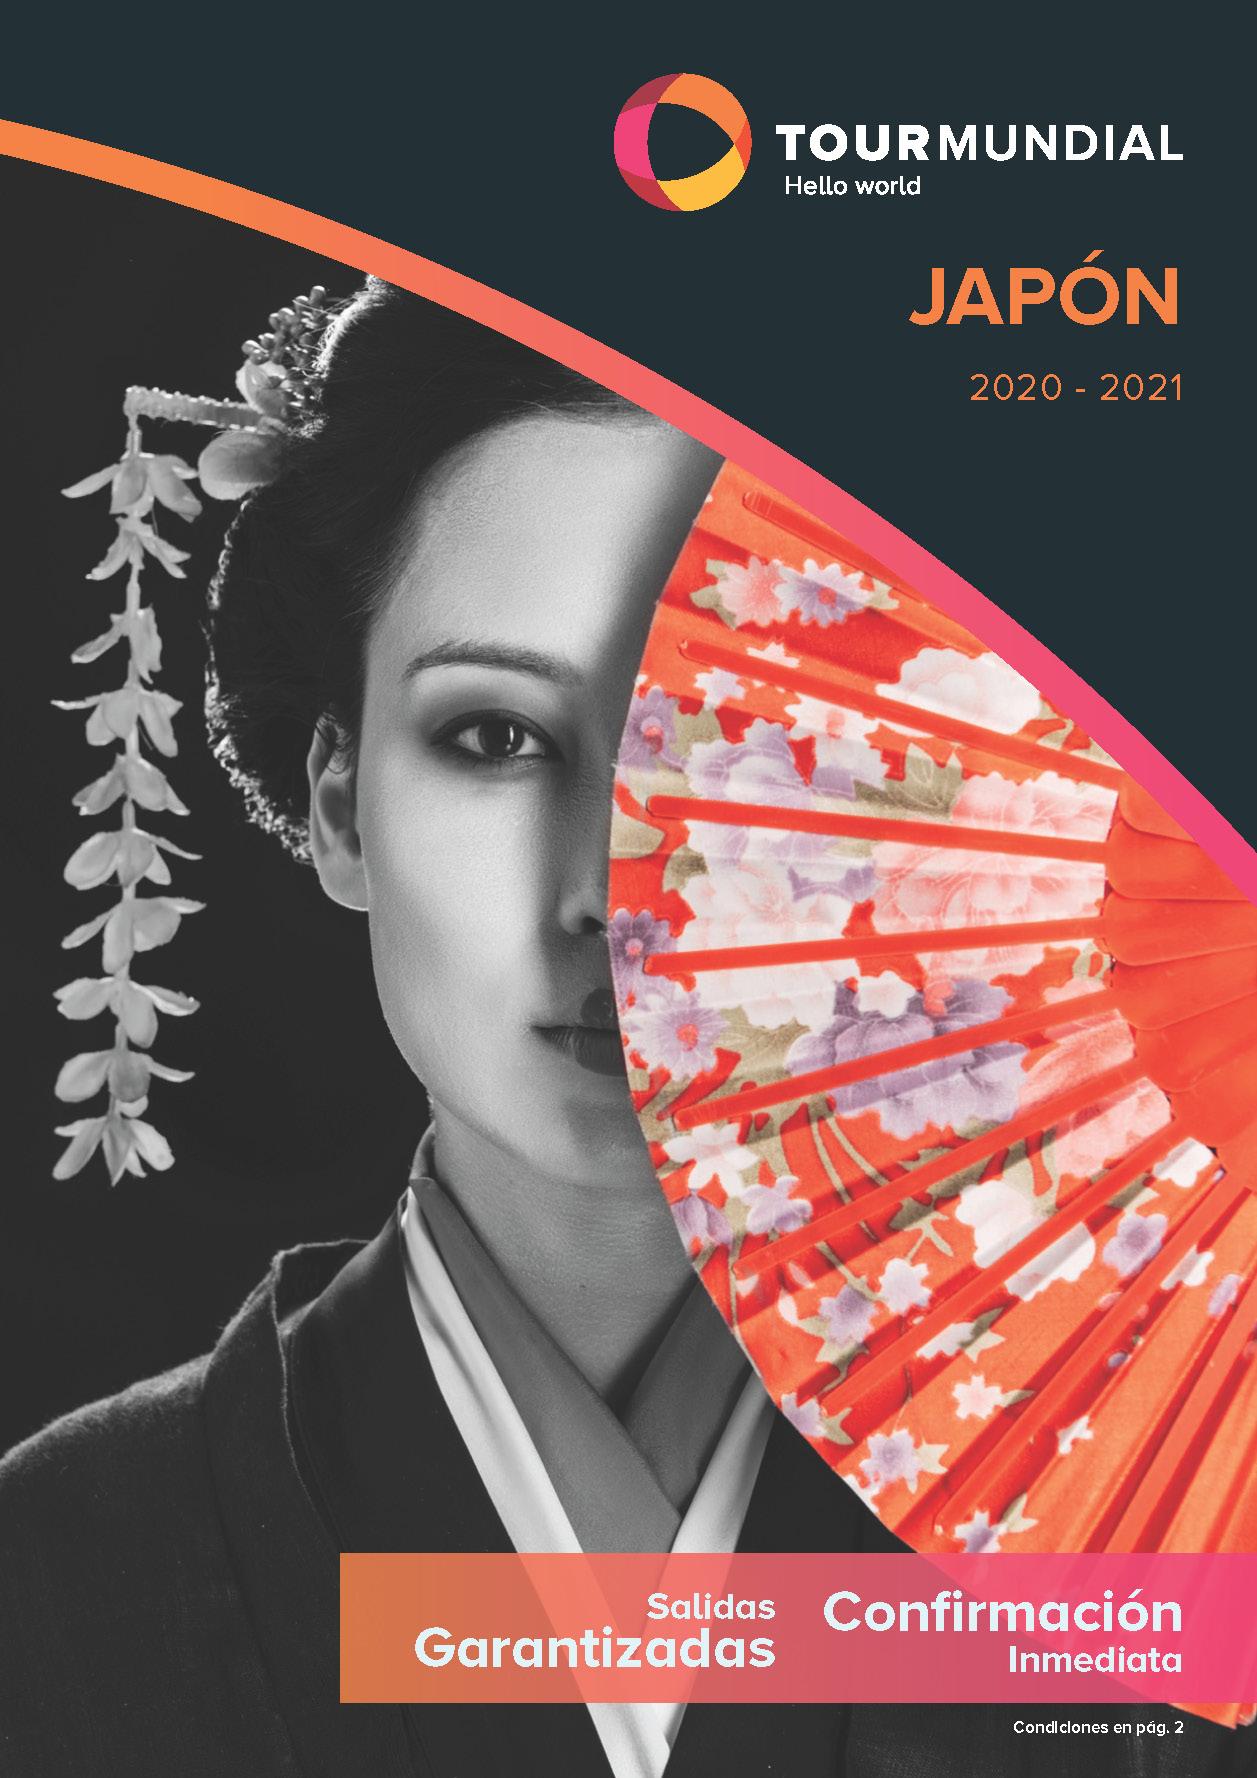 Catalogo Tourmundial Japon 2020-2021